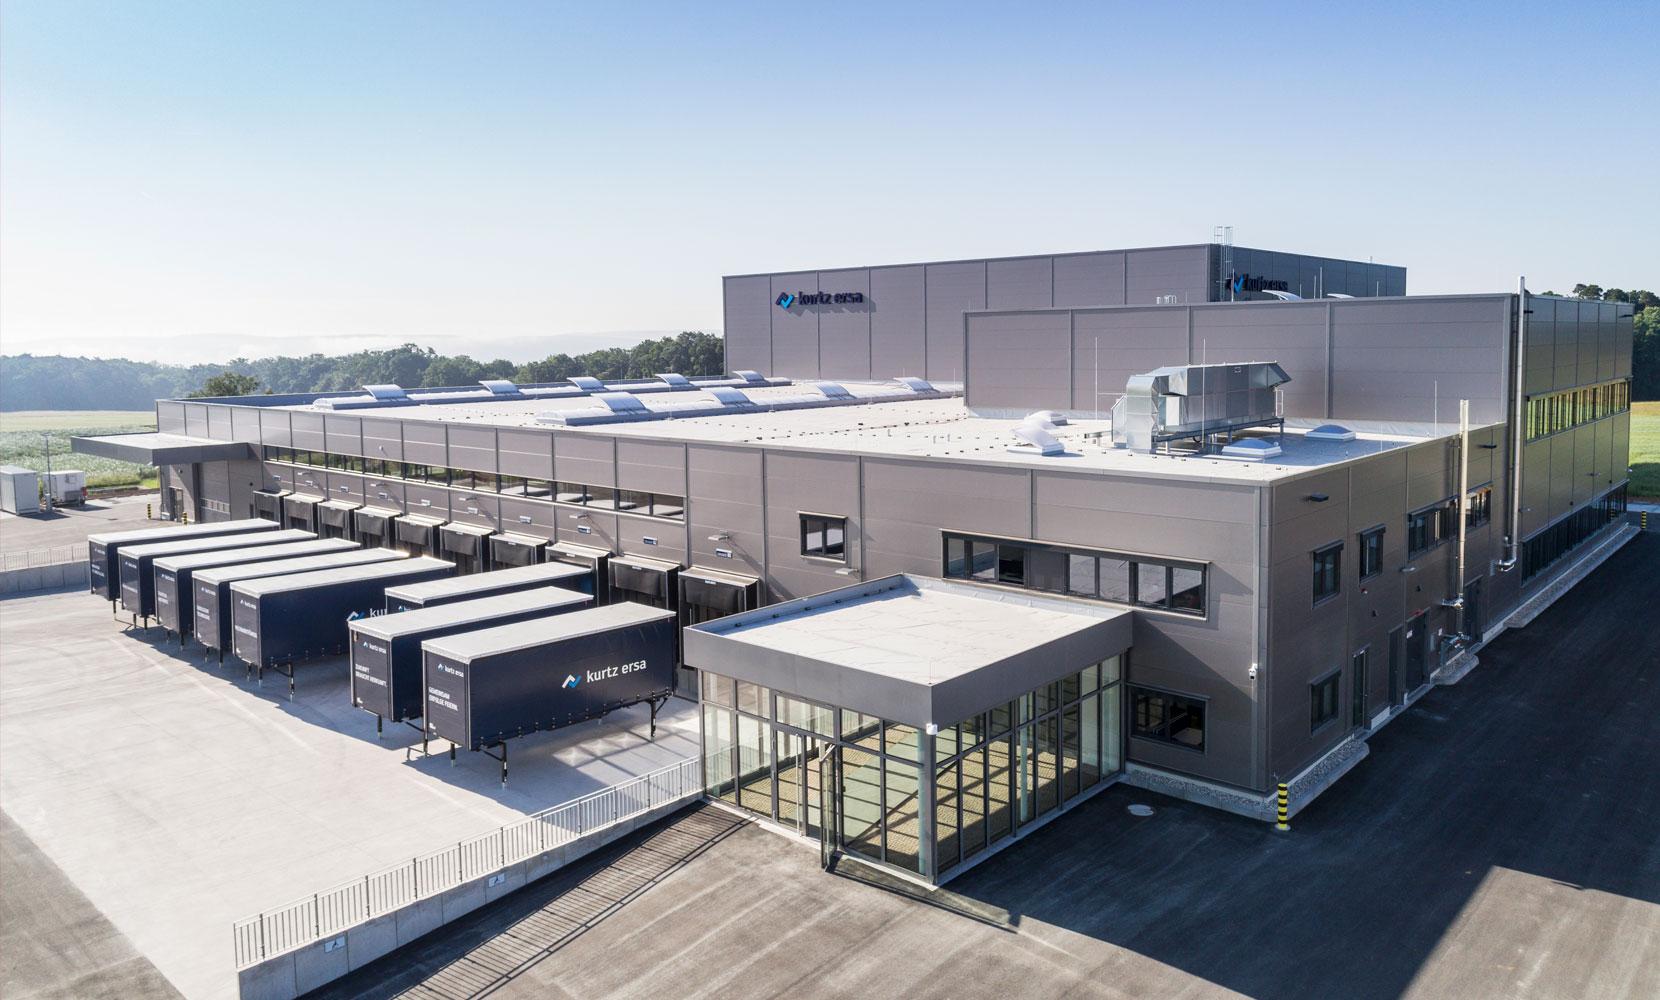 Logistikzentrum Kurtz Ersa - Riedel Bau